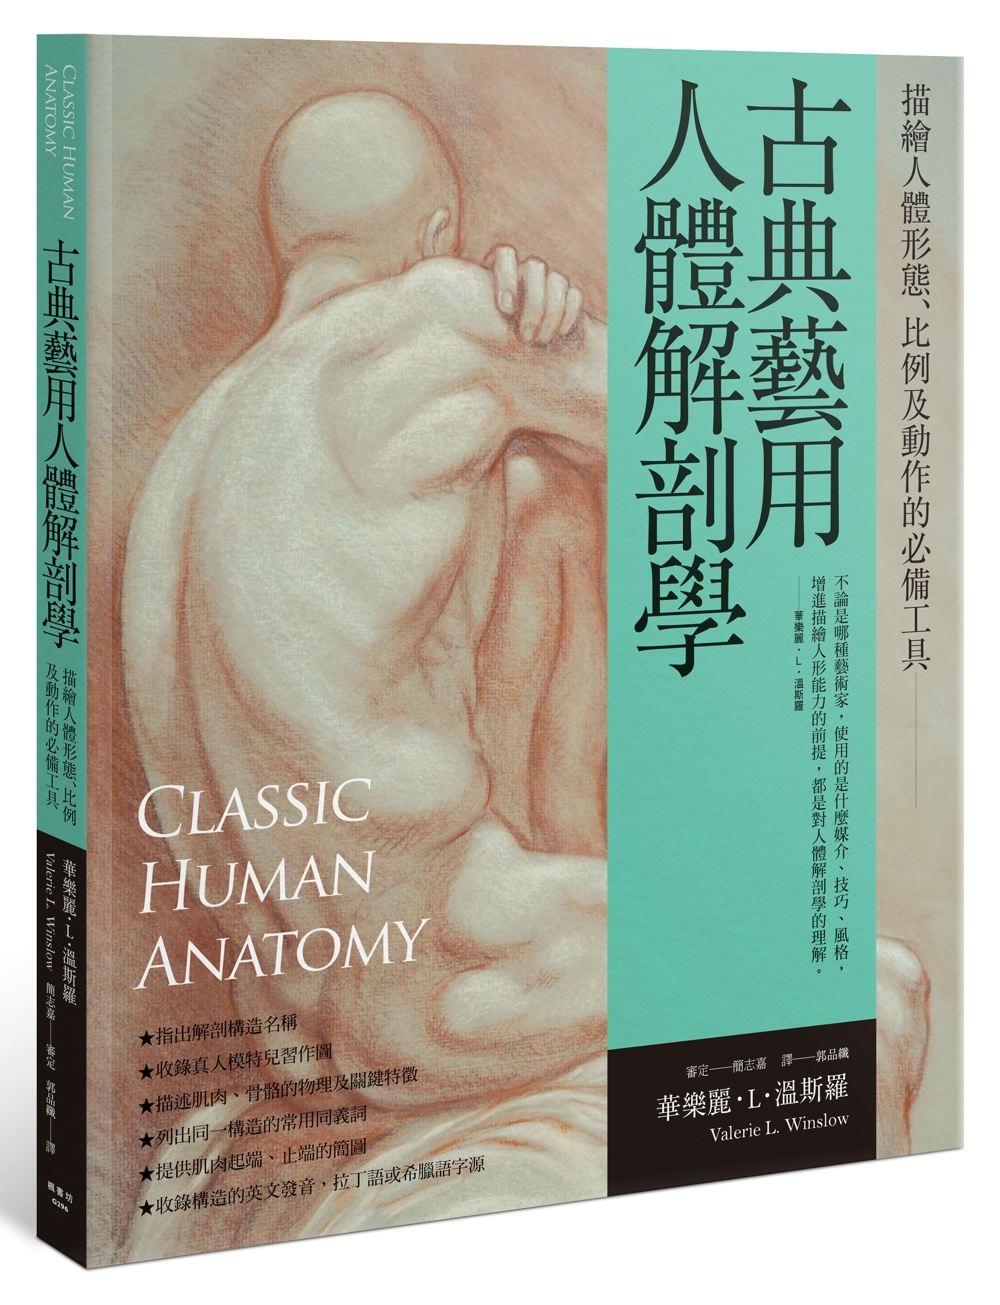 古典藝用人體解剖學:描繪人體形態、比例及動作的必備工具